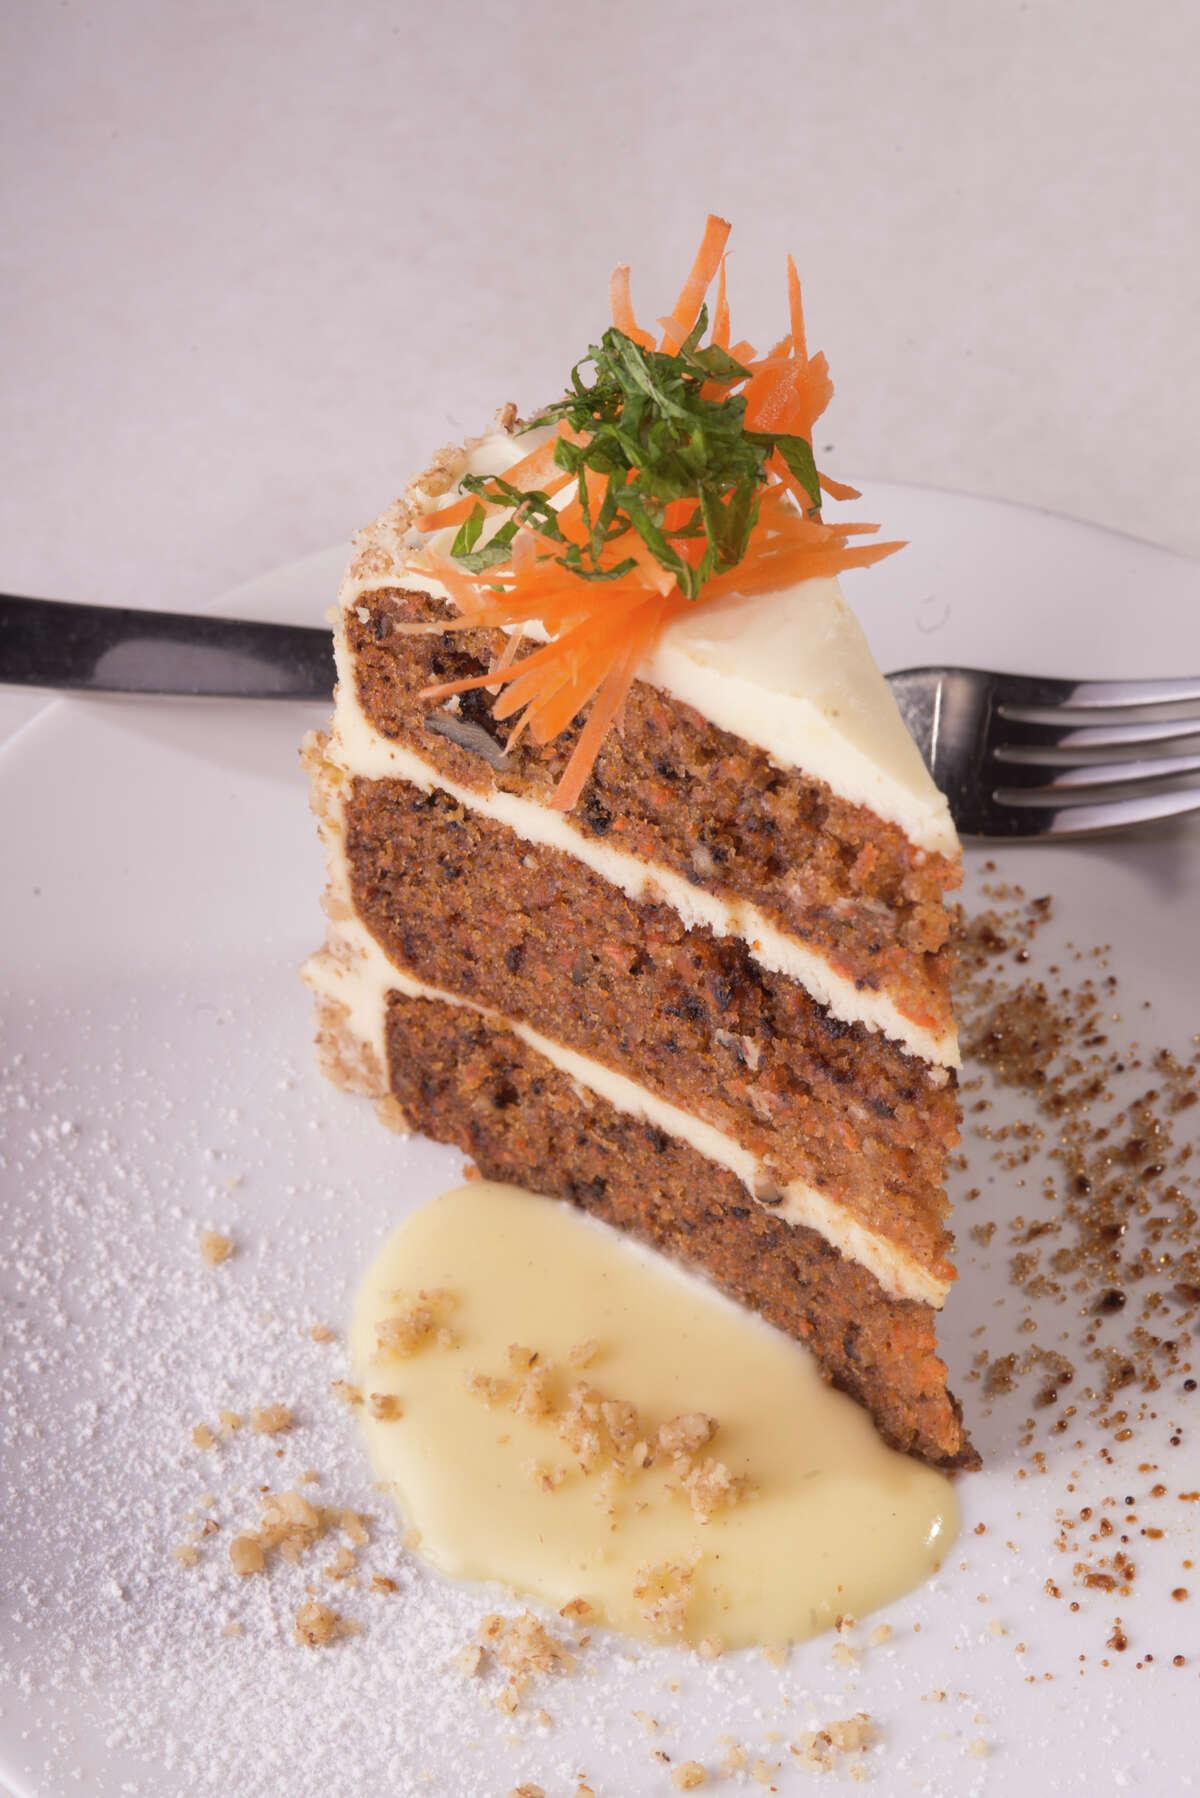 Carrot cake from Valeria in Boerne.